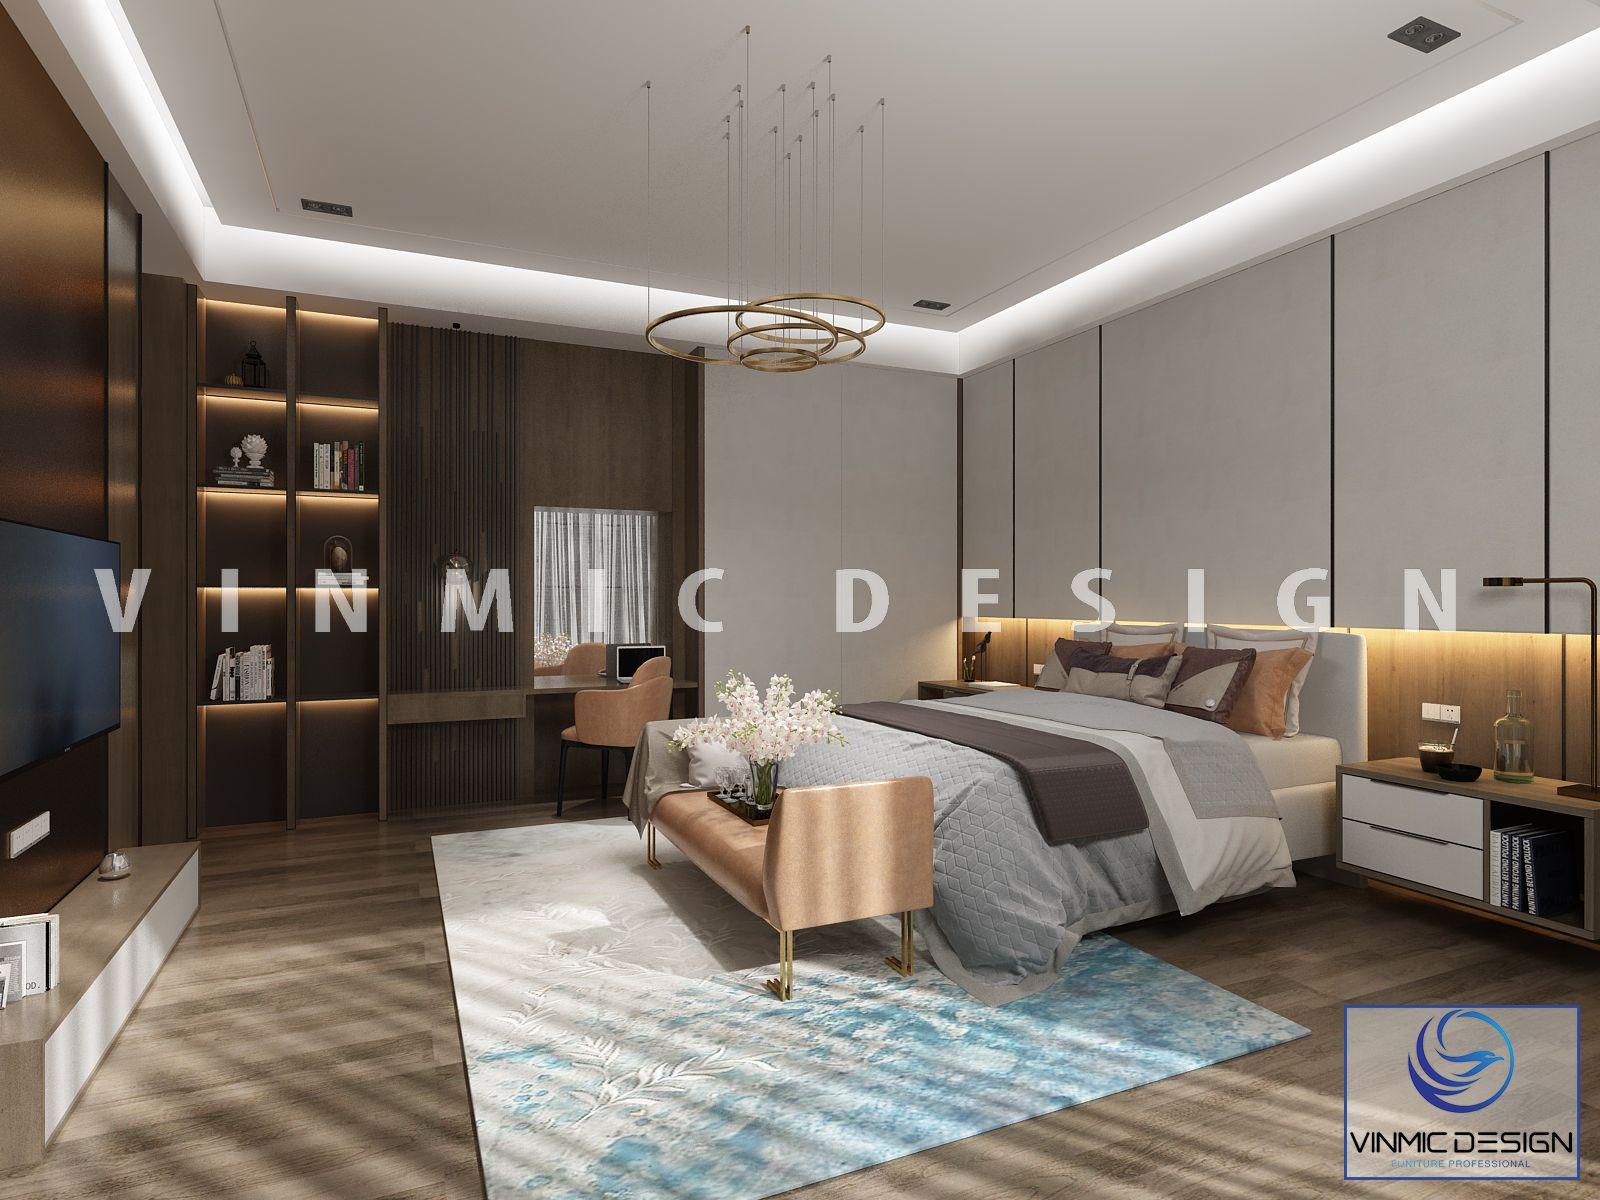 Thiết kế nội thất phòng ngủ tiện nghi, sang trọng